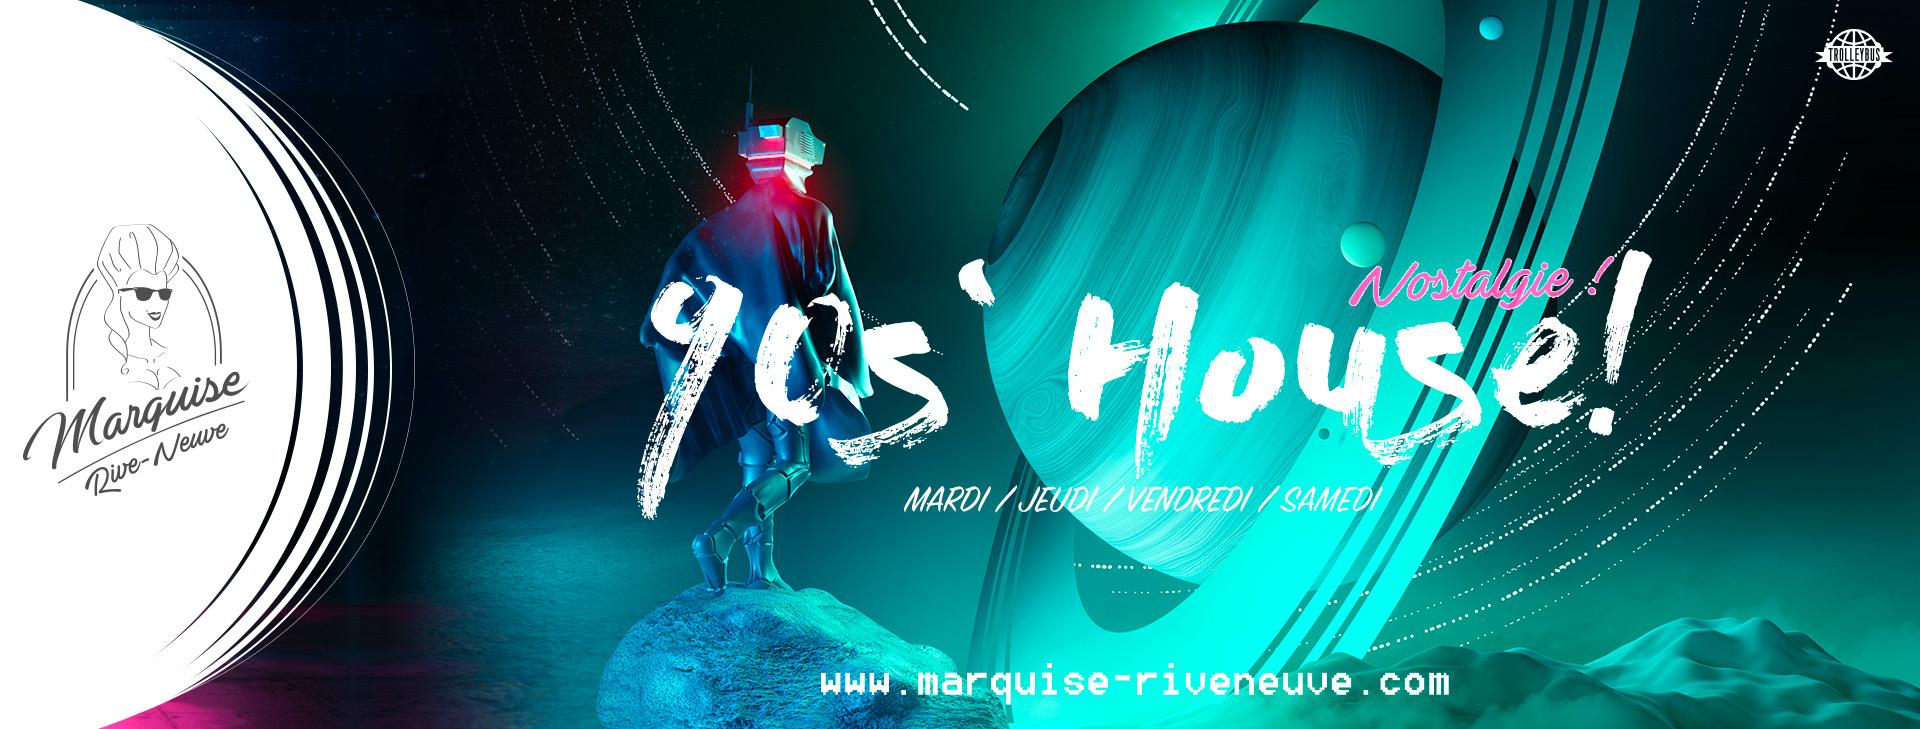 Marquise 12 1 PROGRAMME du 21 au 23 Sept